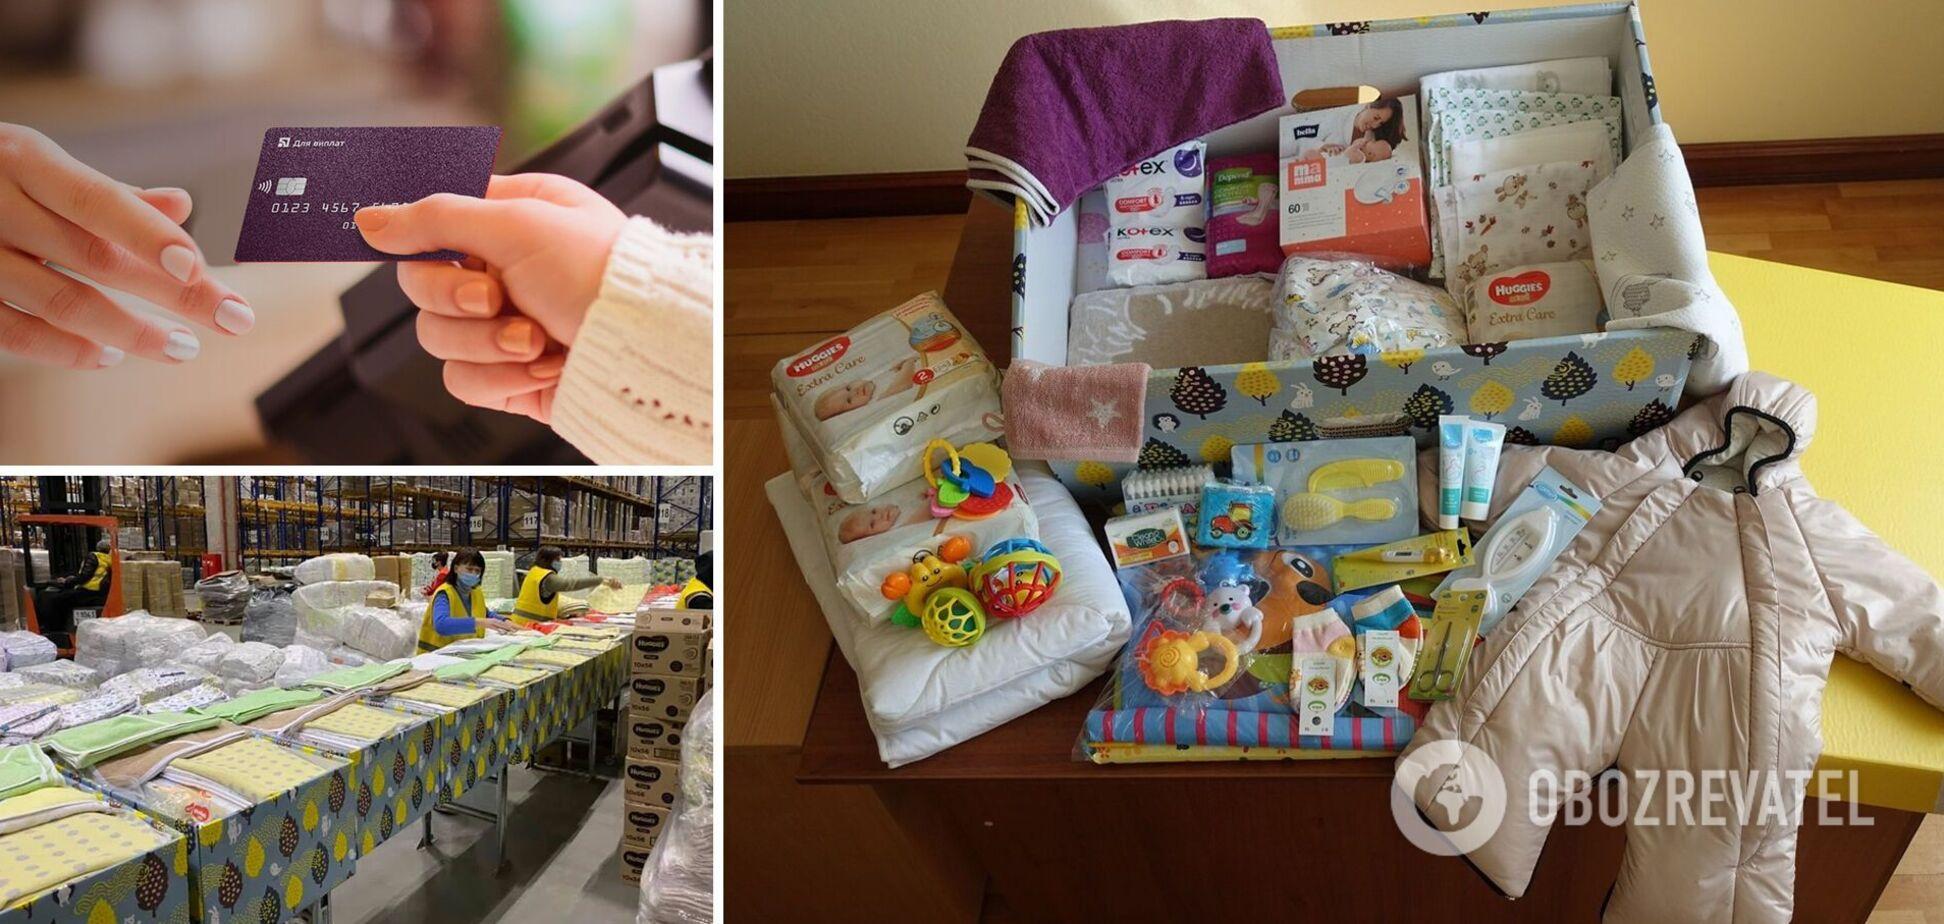 В Україні повернули 'пакунок малюка': що всередині, як отримати і чому мами беруть його замість грошей